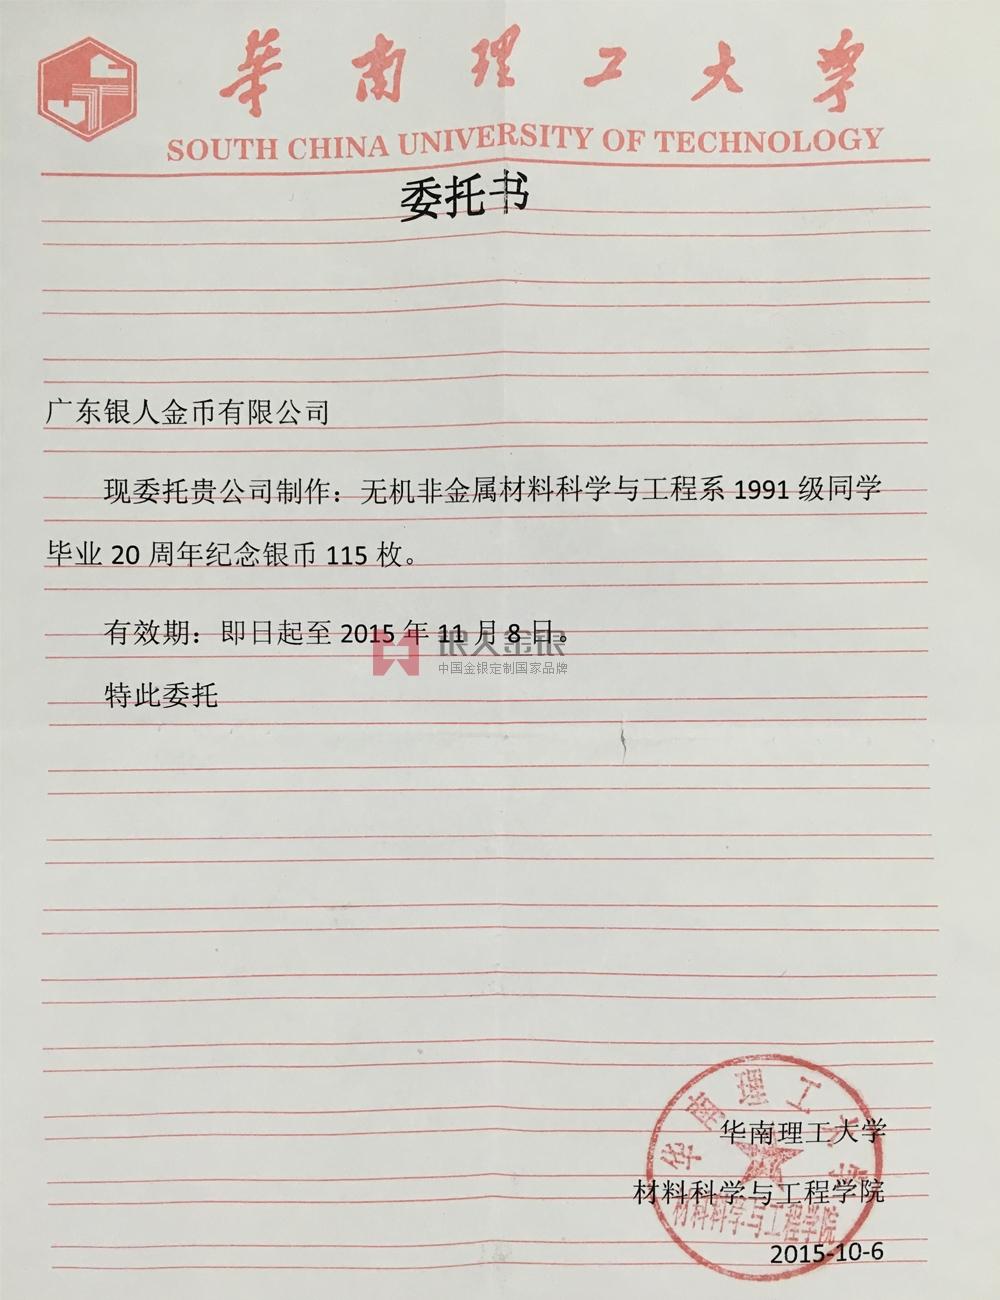 华南理工大学校庆万博maxbet客户端下载万博体育app官方下载